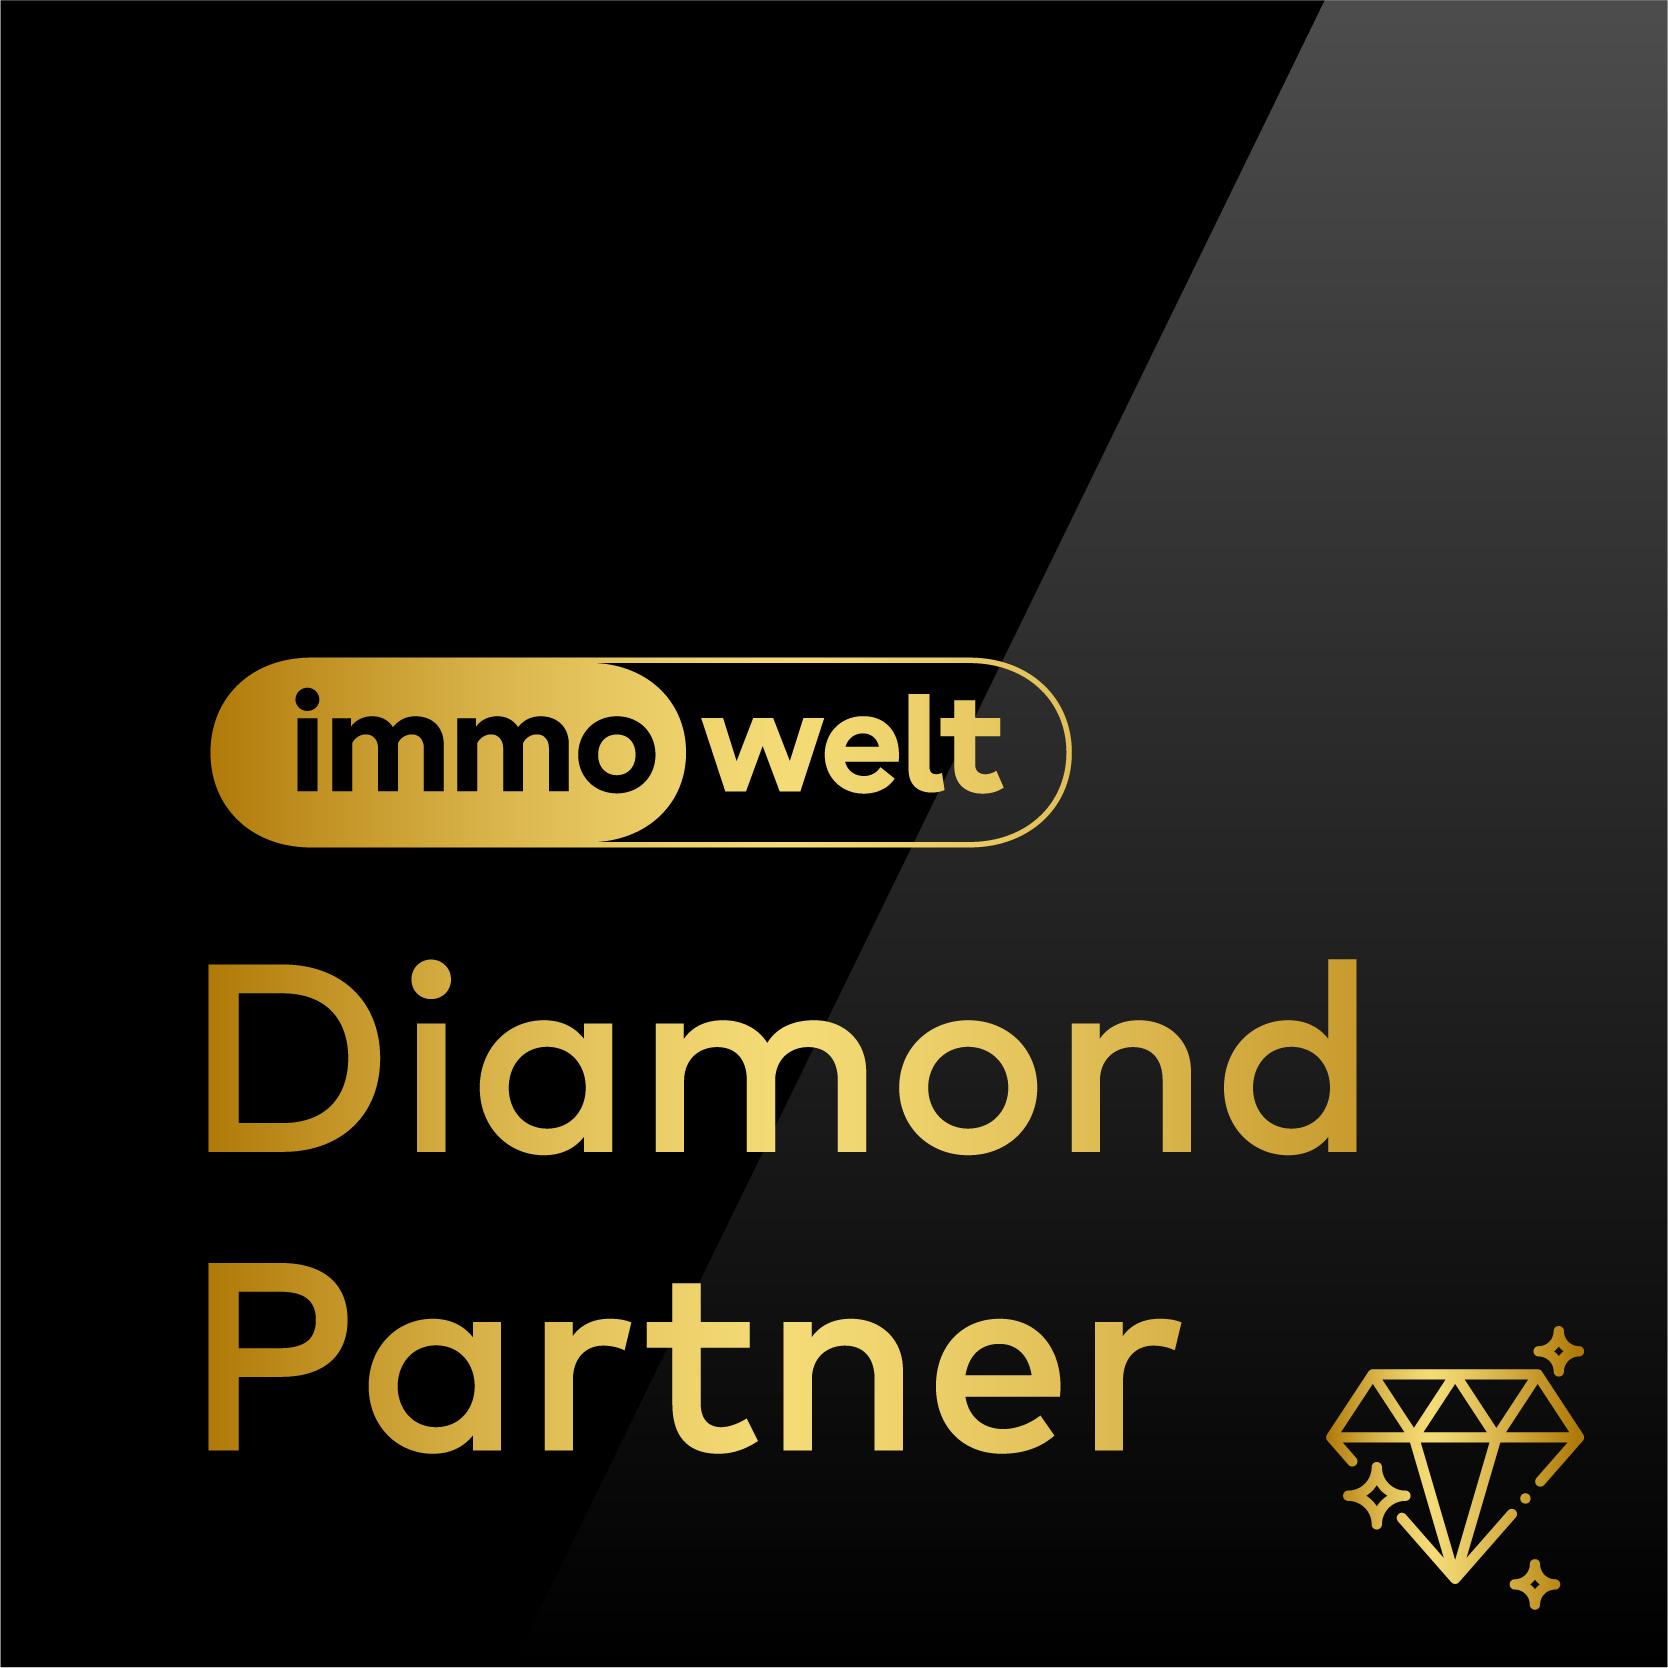 Immowelt-Diamondpartner Altstadt Immobilien Soest GbR